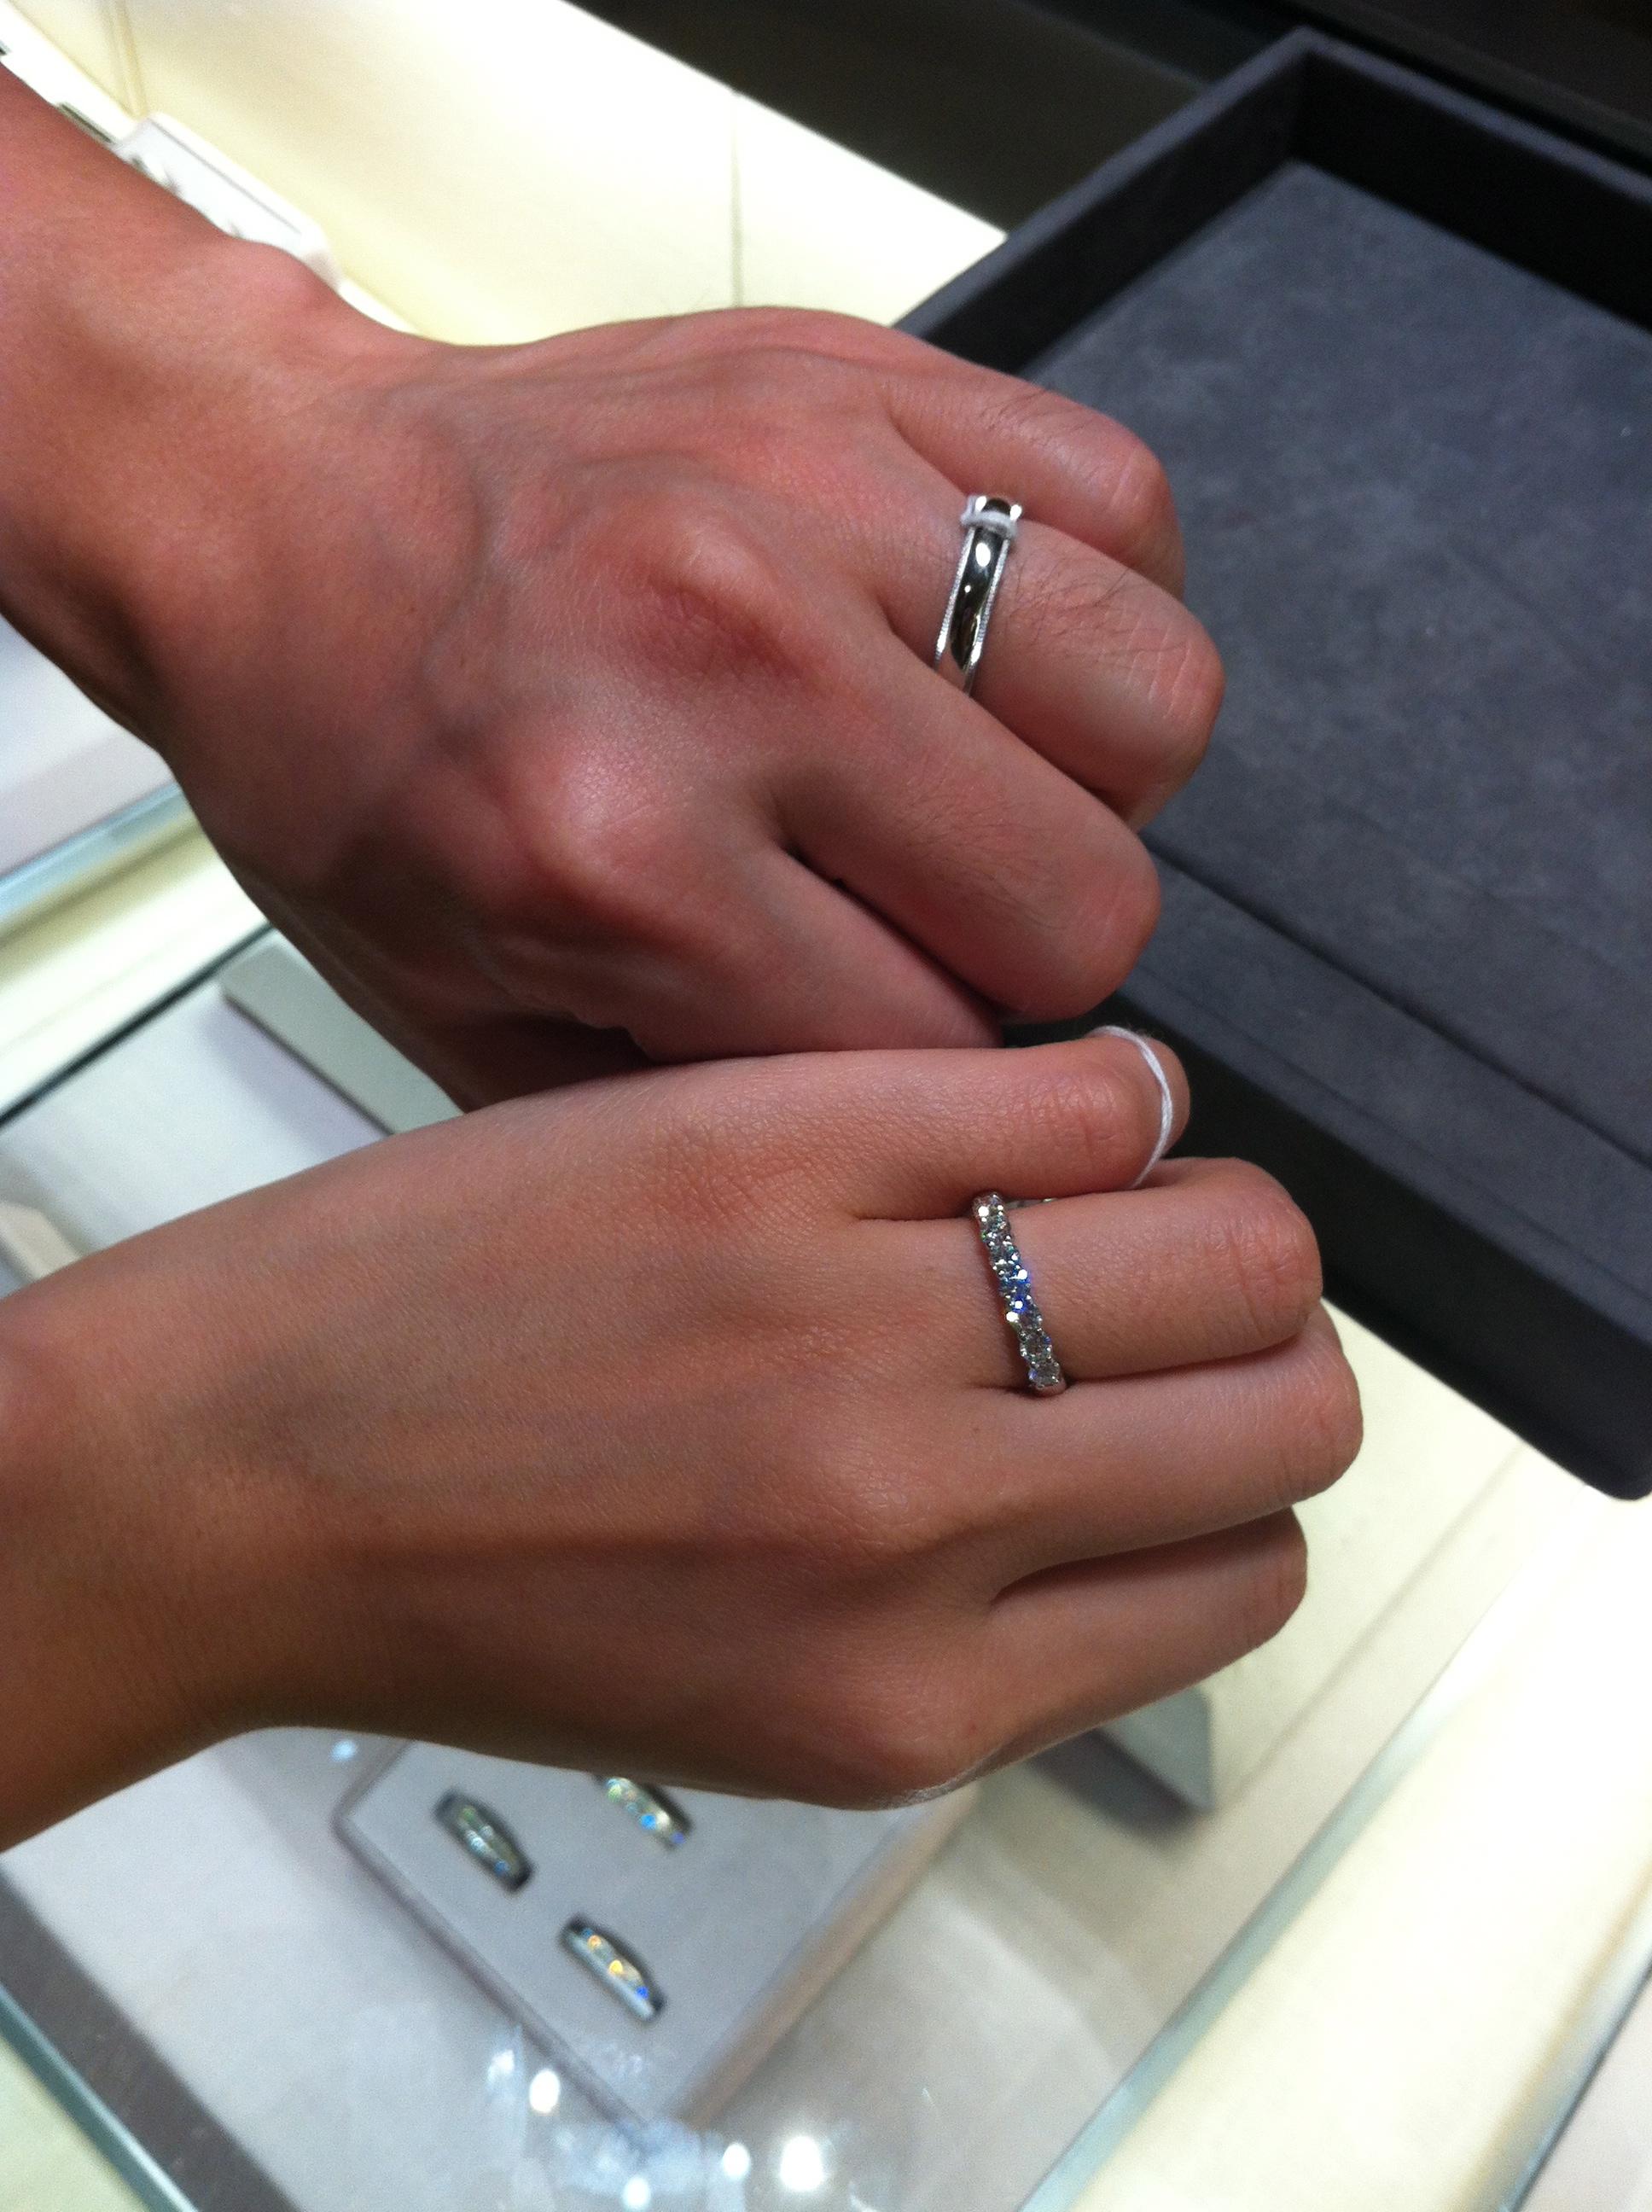 EA B2 B0 ED 98 BC wedding ring engraving Our Engagement